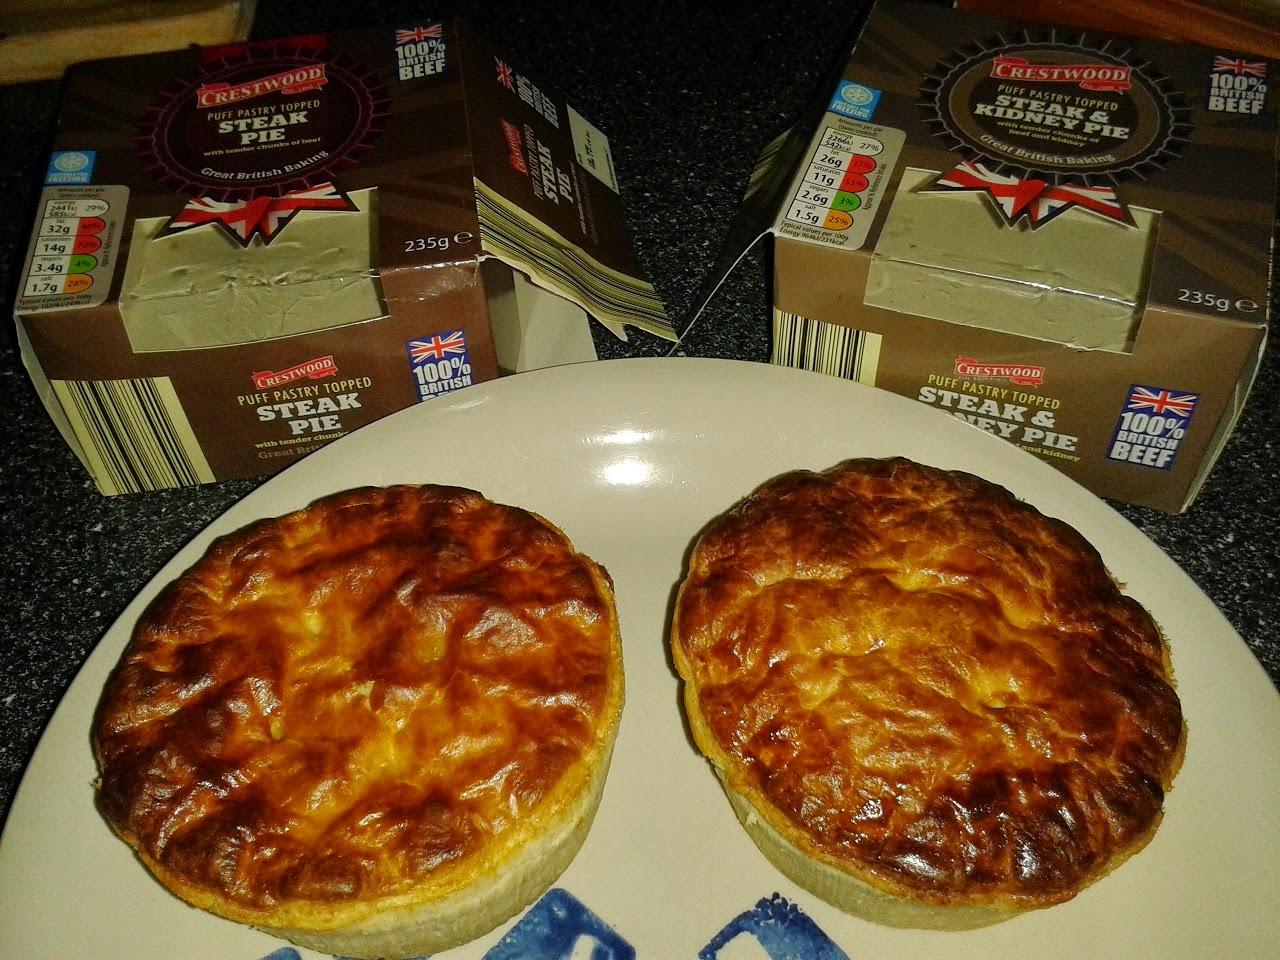 Pierate Pie Reviews Can You Find A Bargain Steak Pie In Aldi